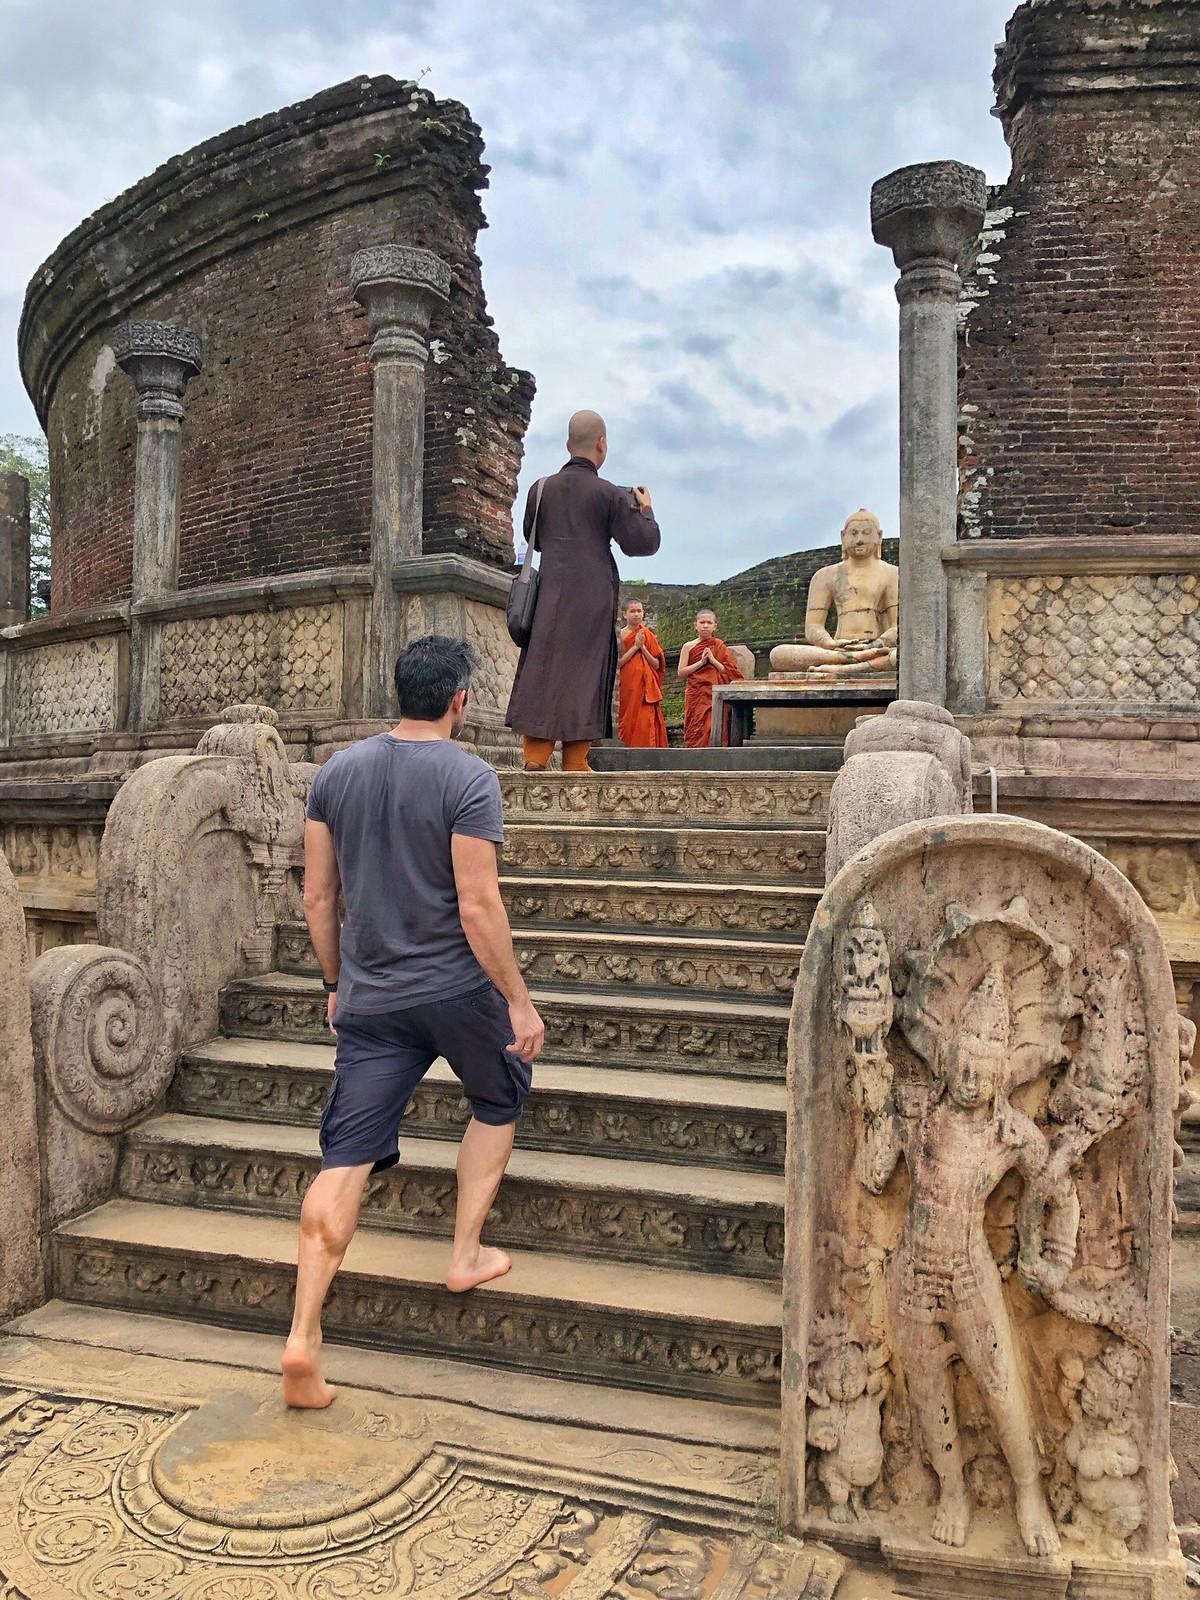 Visitar Polonnaruwa, la antigua capital de Sri Lanka visitar polonnaruwa - 46865602601 be8401bea5 h - Visitar Polonnaruwa, la antigua capital de Sri Lanka